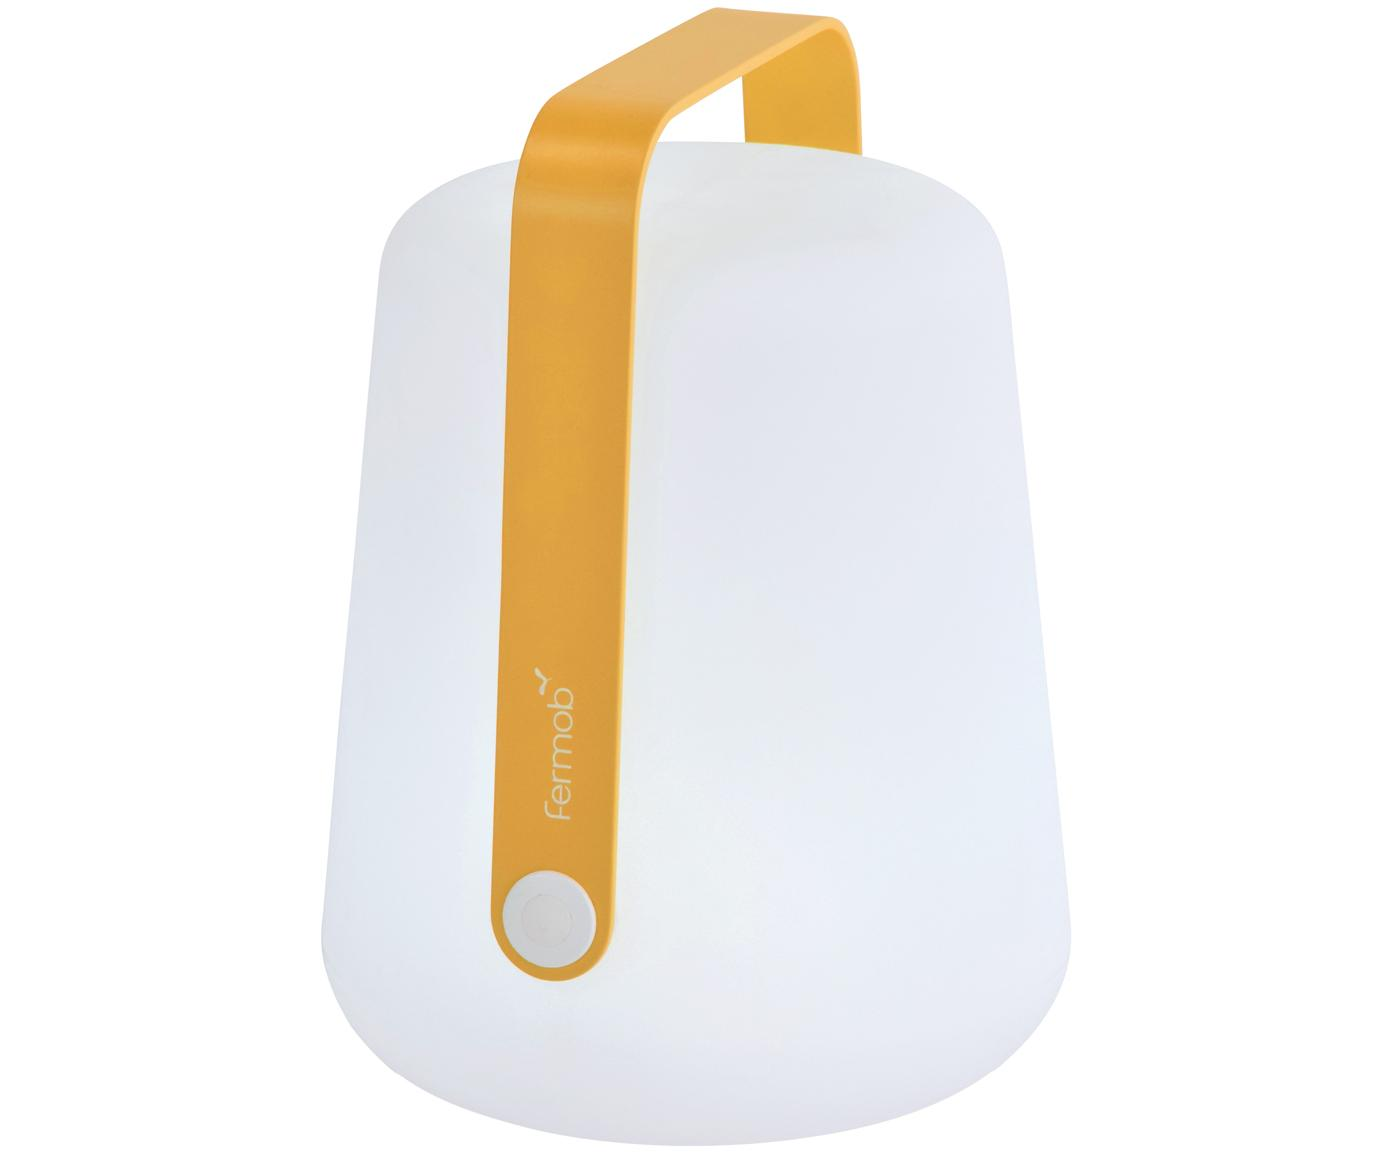 Mobile LED Außenleuchte Balad, Lampenschirm: Polyethen, für den Außenb, Griff: Aluminium, lackiert, Gelb, Ø 19 x H 25 cm